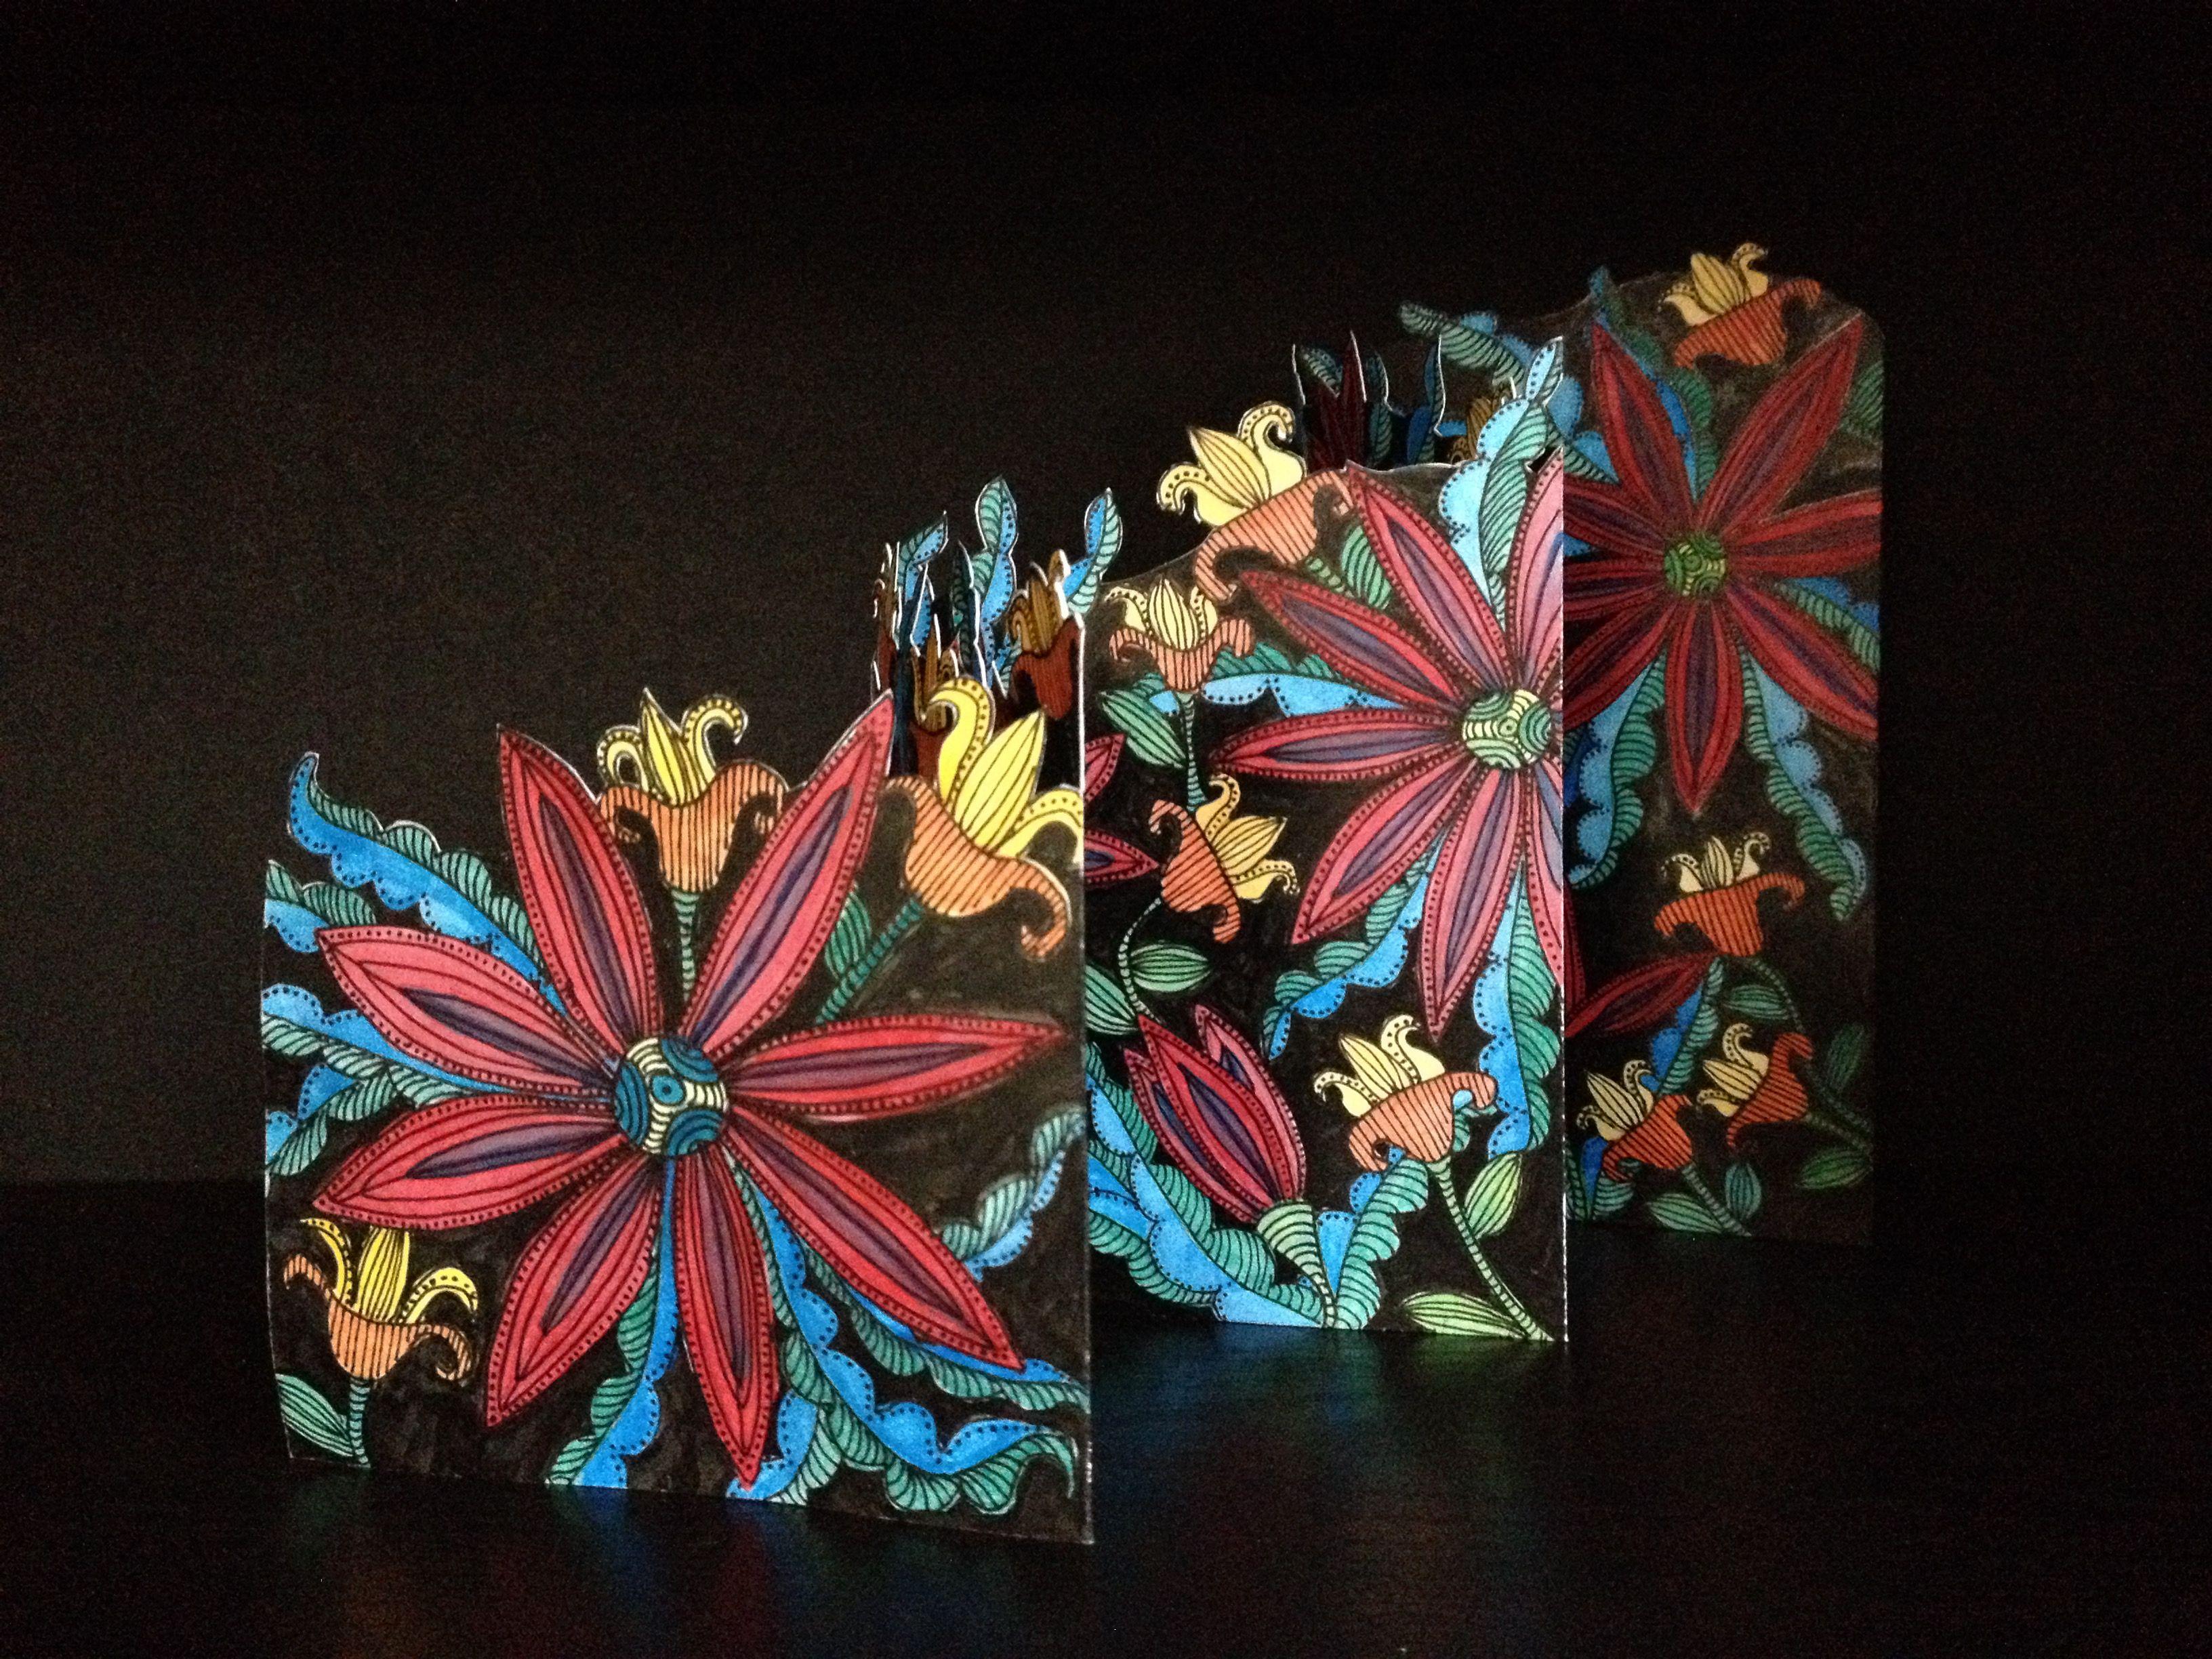 jeka lambert diagonal accordion book watercolor india